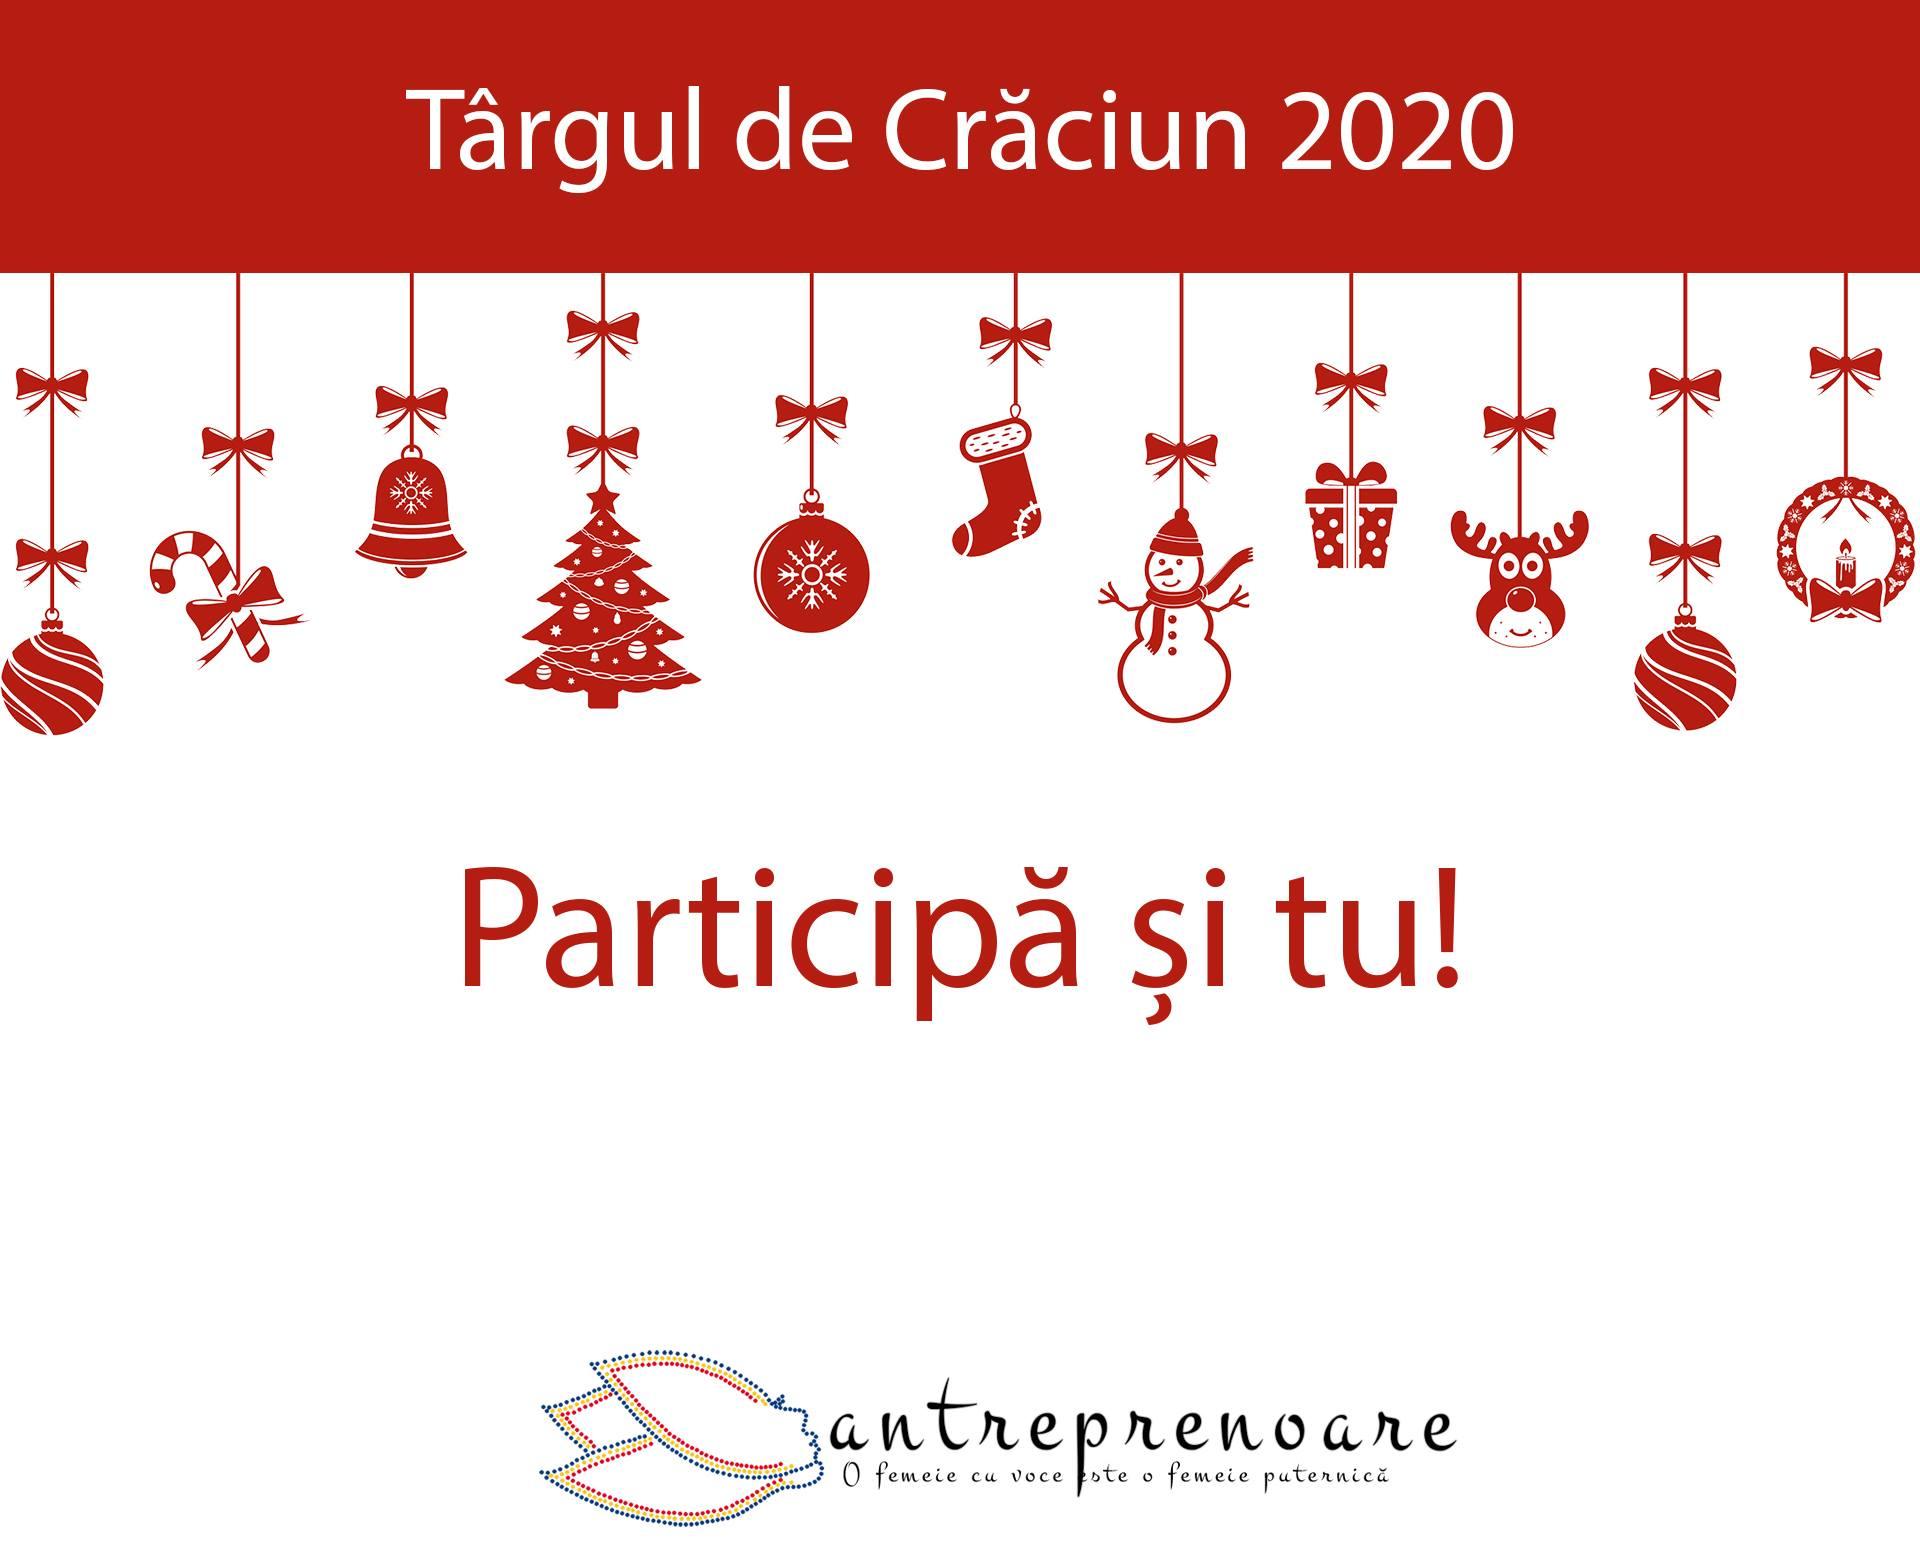 Targul de Crăciun al antreprenoarelor se ține online